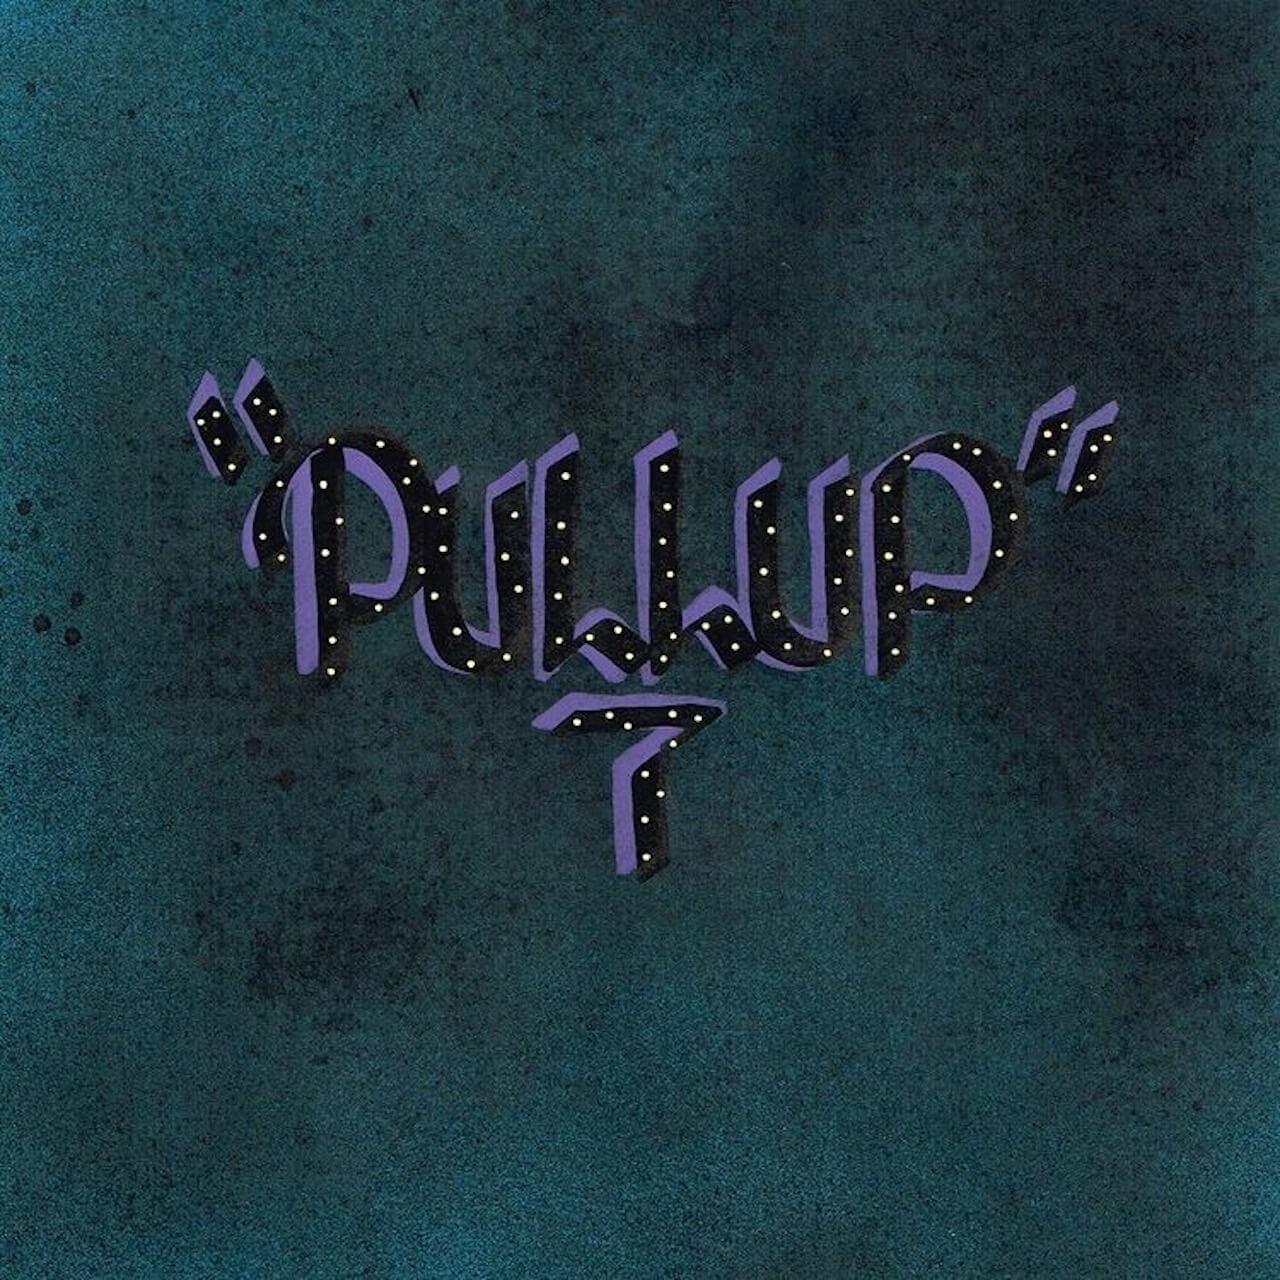 A-THUGの客演集『PULL UP』がリリース|今週末開催のイベントにて先行発売、SCARSライブも music201224-athug-1